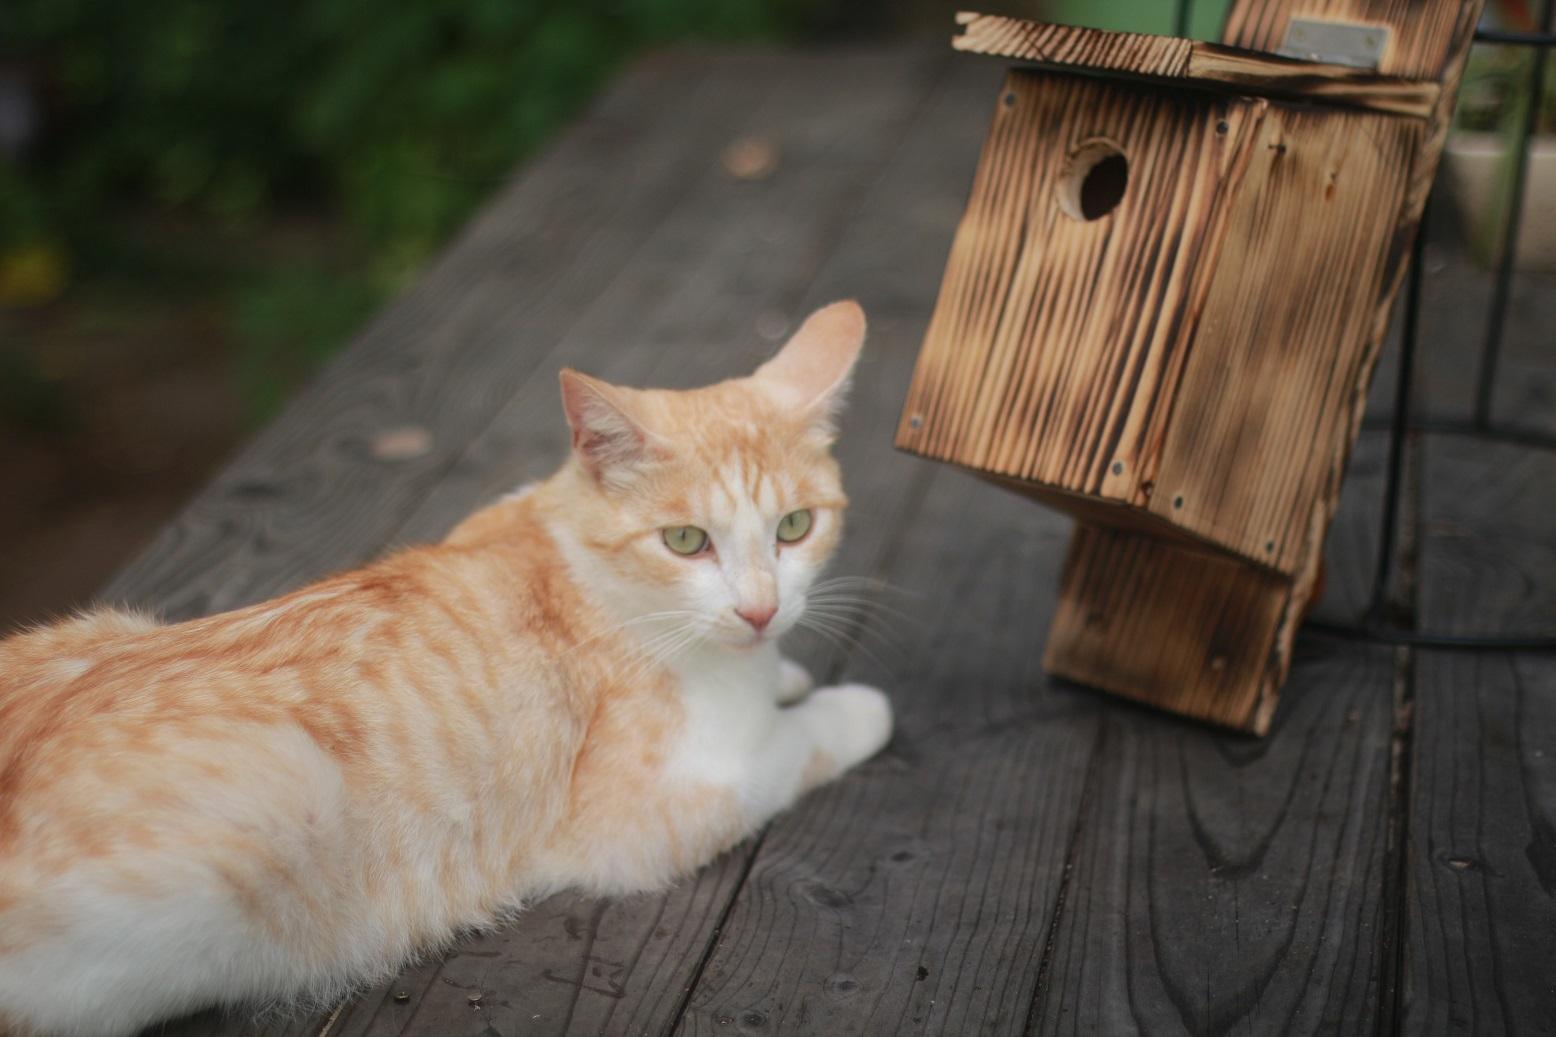 夏休みの工作 小鳥の巣箱作り_d0155147_11585943.jpg